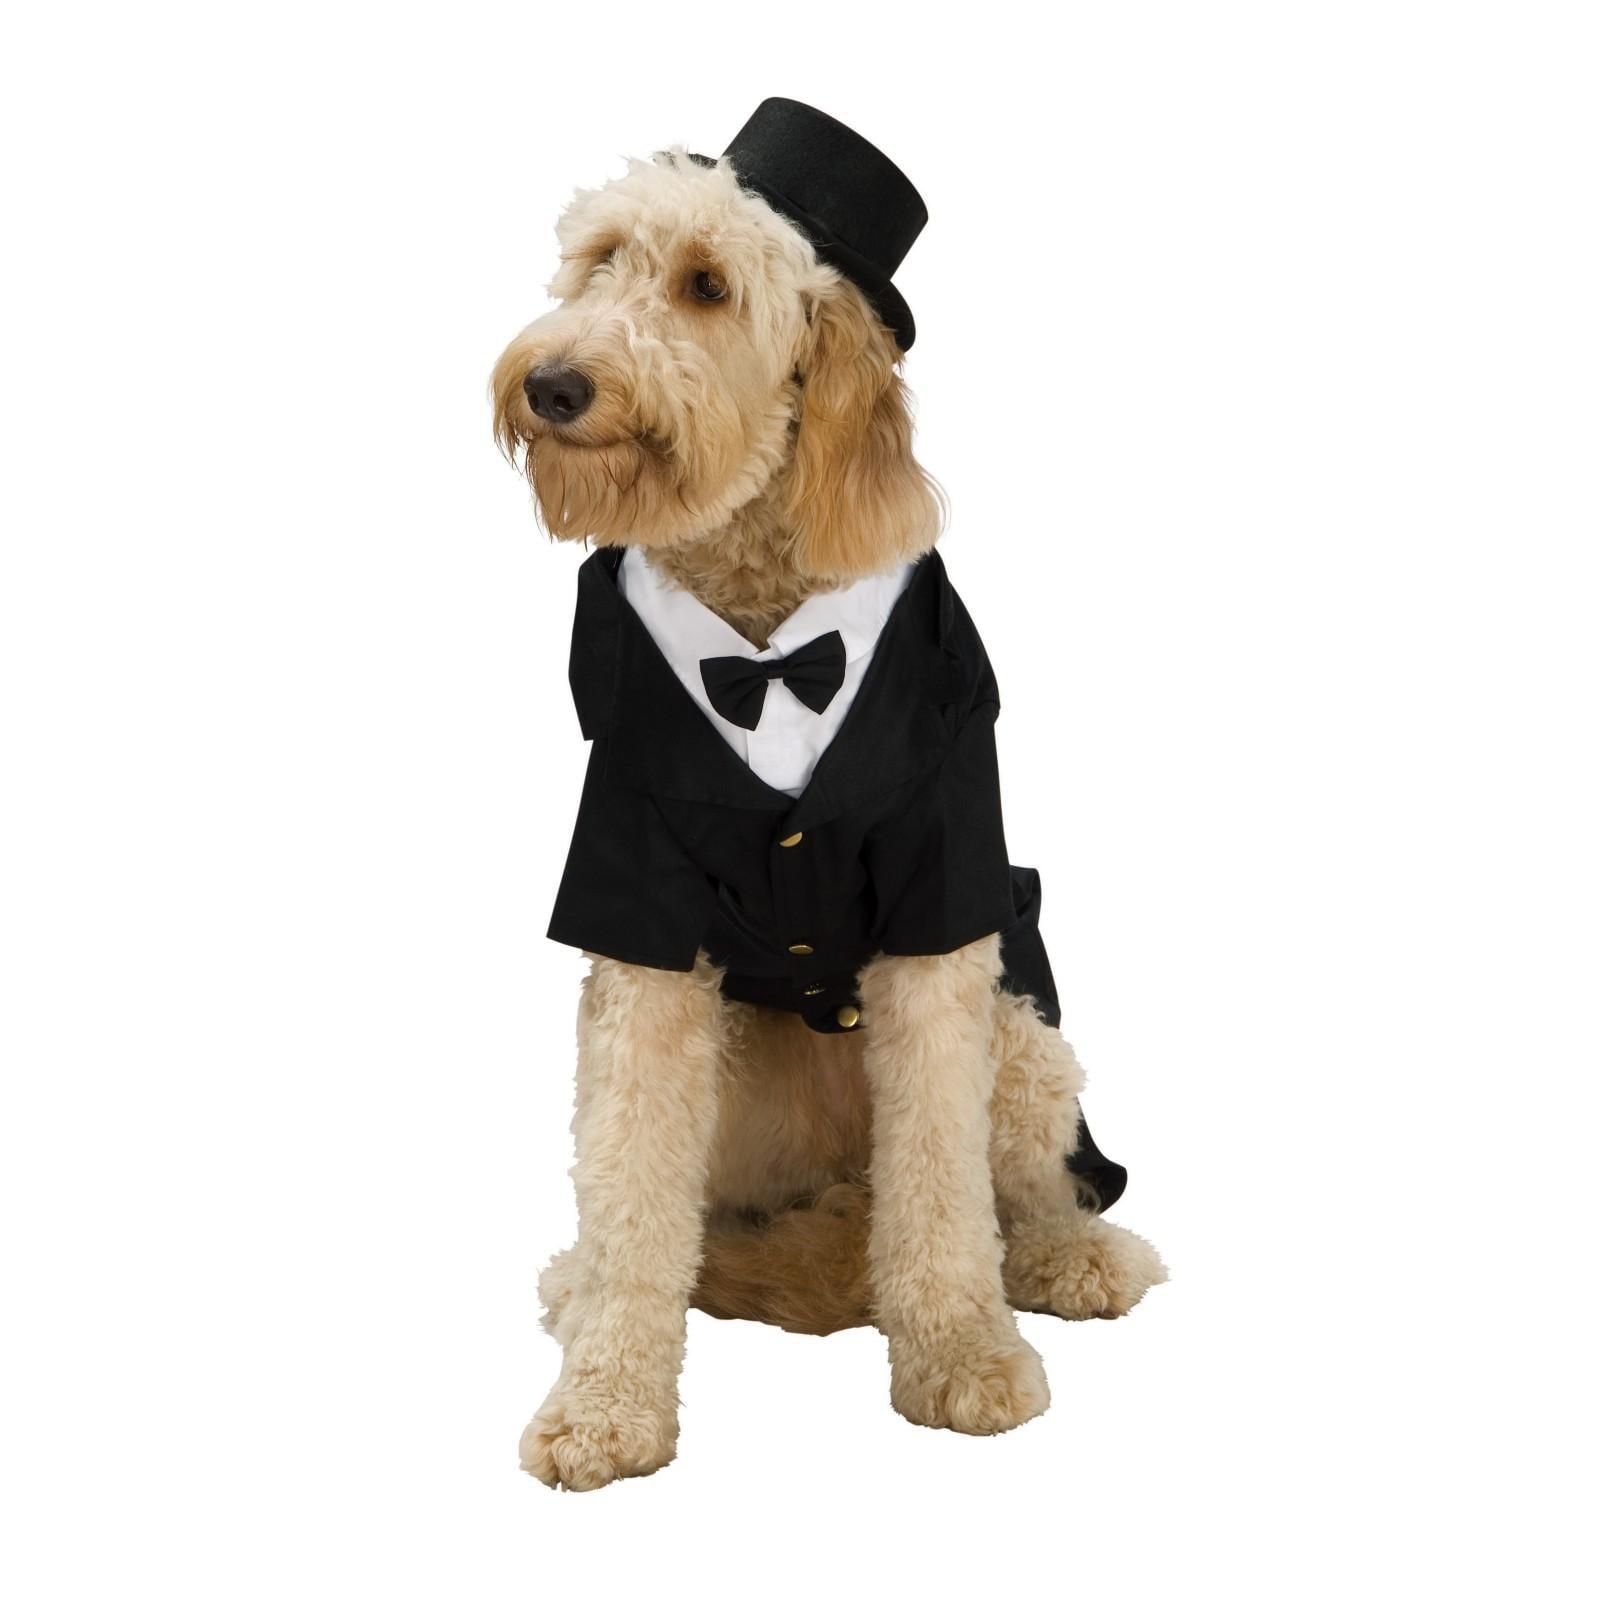 Dapper Dog Costume - Medium